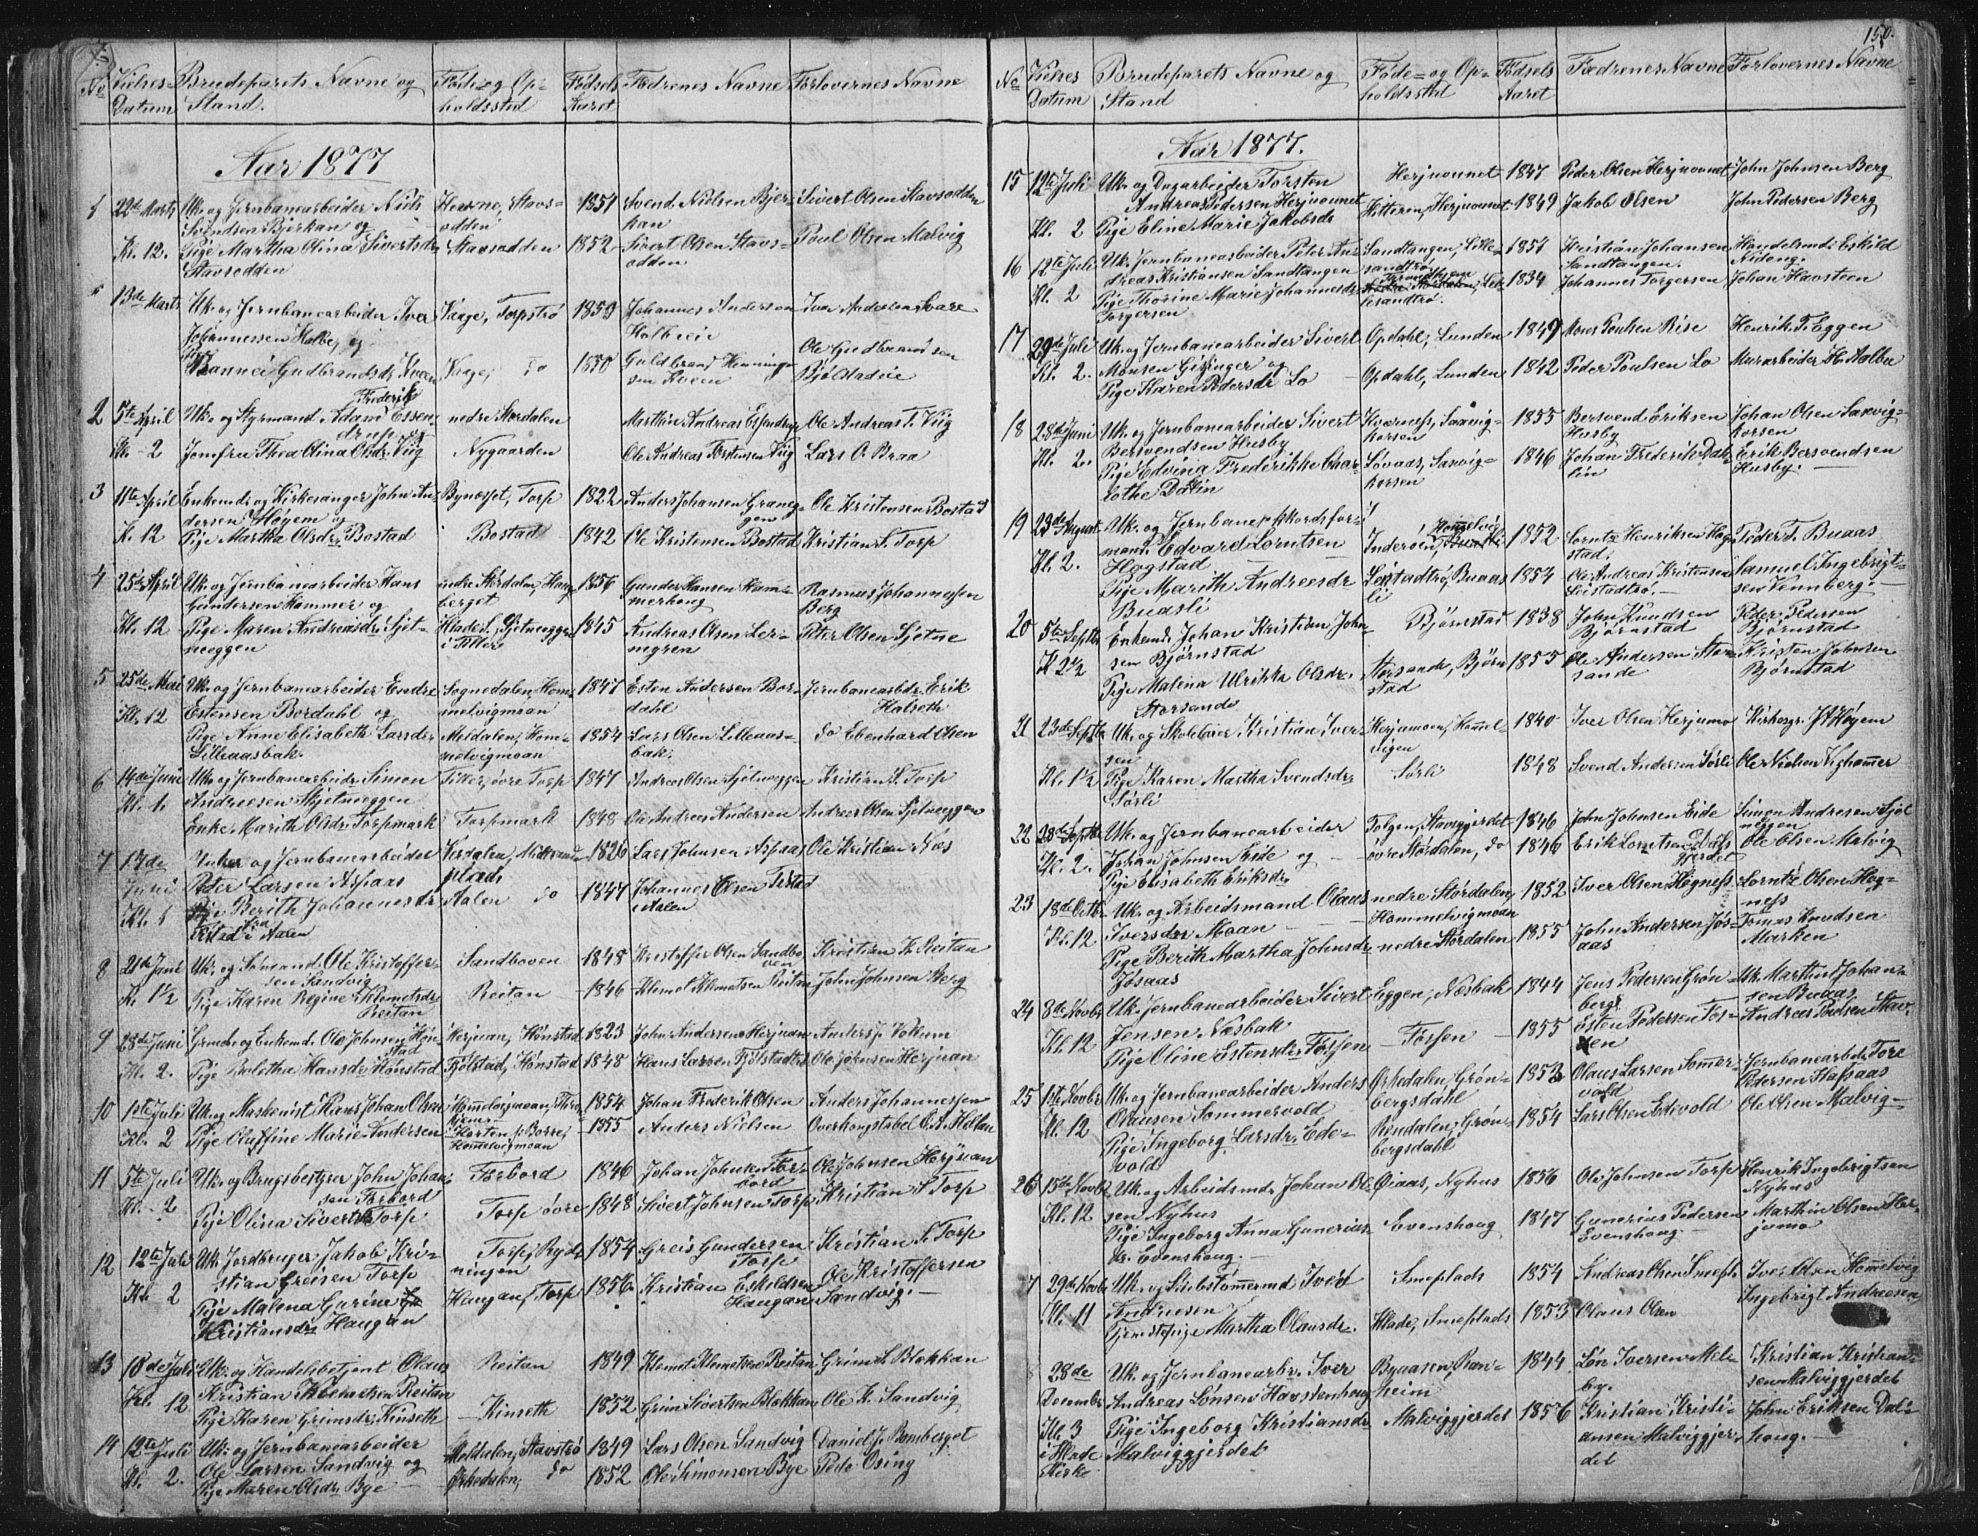 SAT, Ministerialprotokoller, klokkerbøker og fødselsregistre - Sør-Trøndelag, 616/L0406: Ministerialbok nr. 616A03, 1843-1879, s. 150